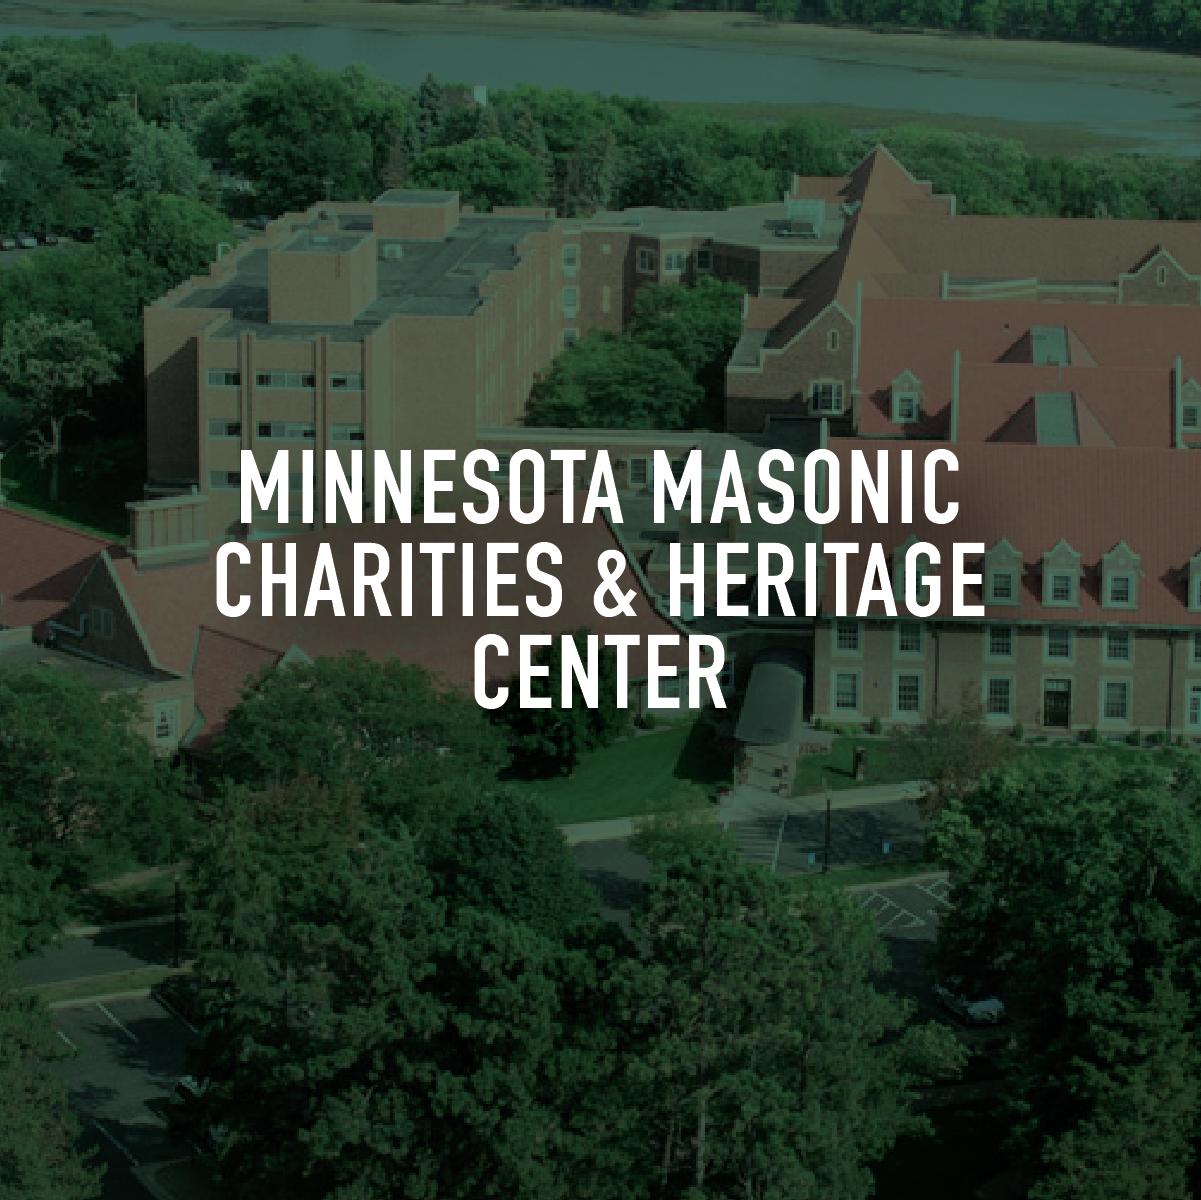 Minnesota Masonic Charities & Heritage Center